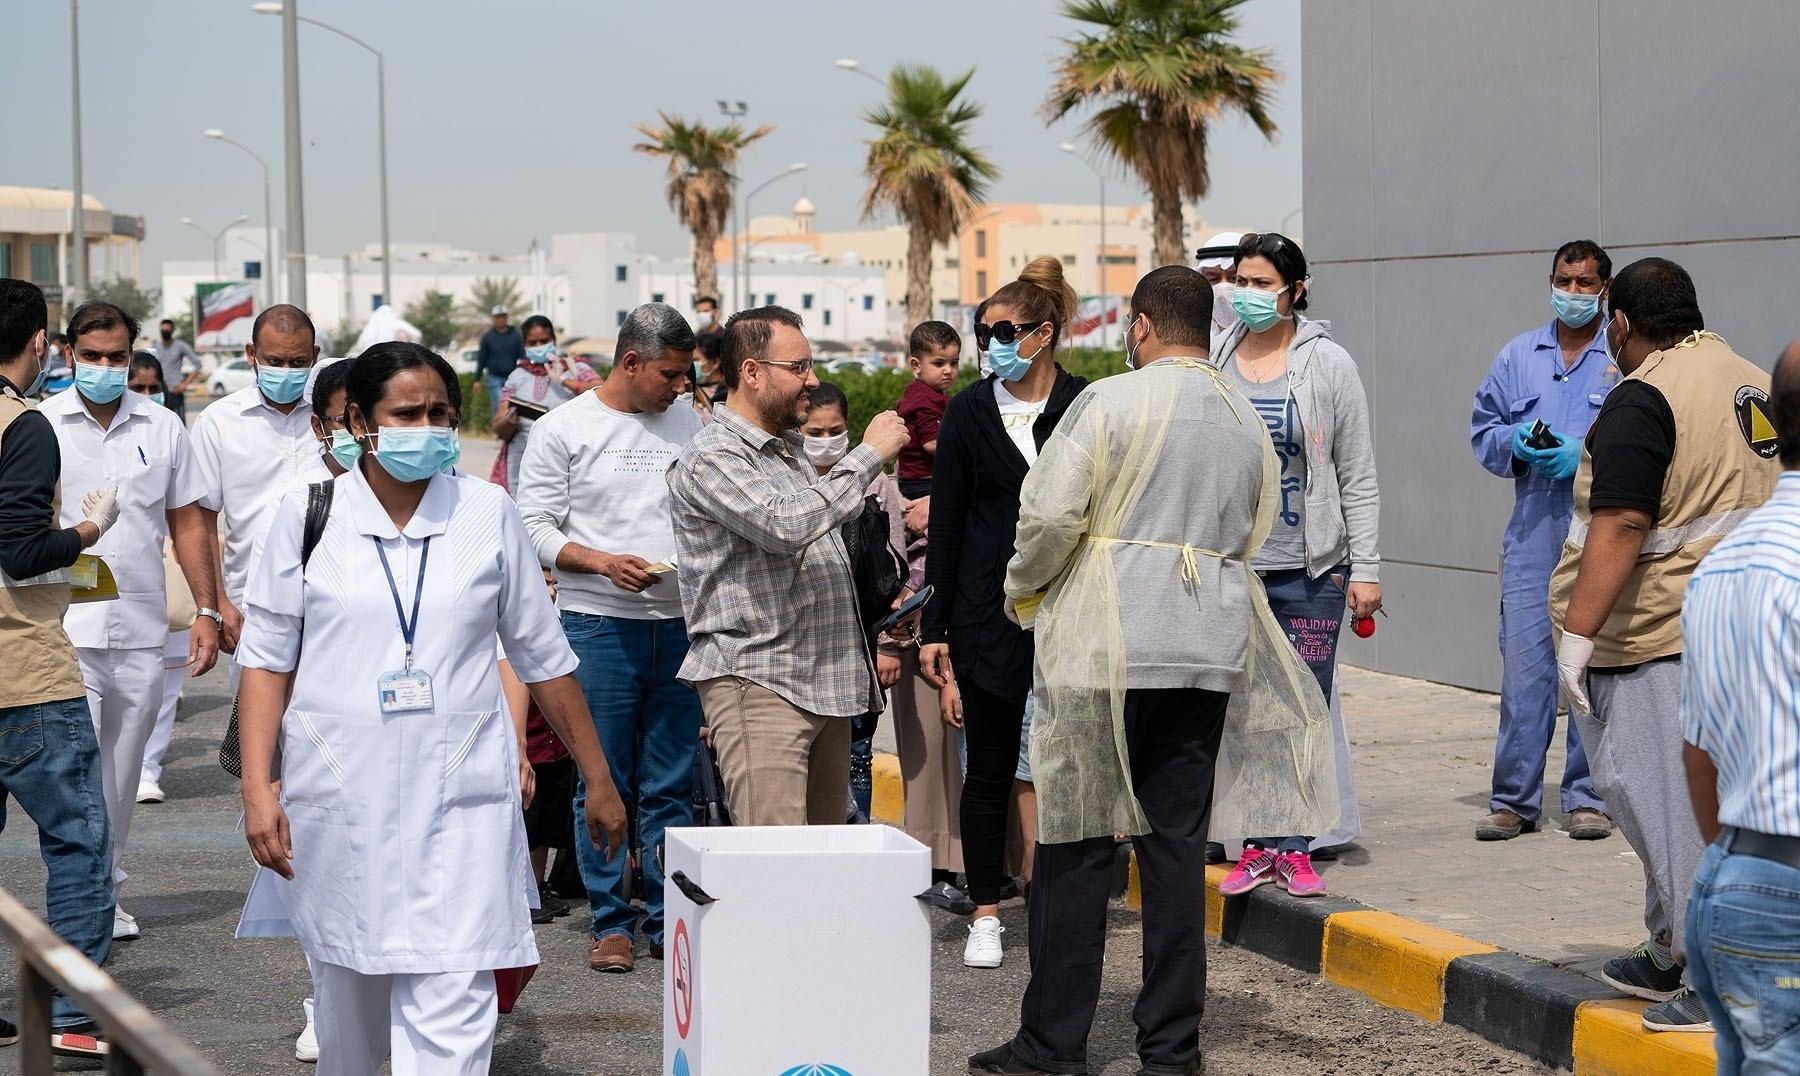 الكويت تعلن إجراءات جديدة بخصوص السفر وإعادة فتح قطاعات في ظل كورونا